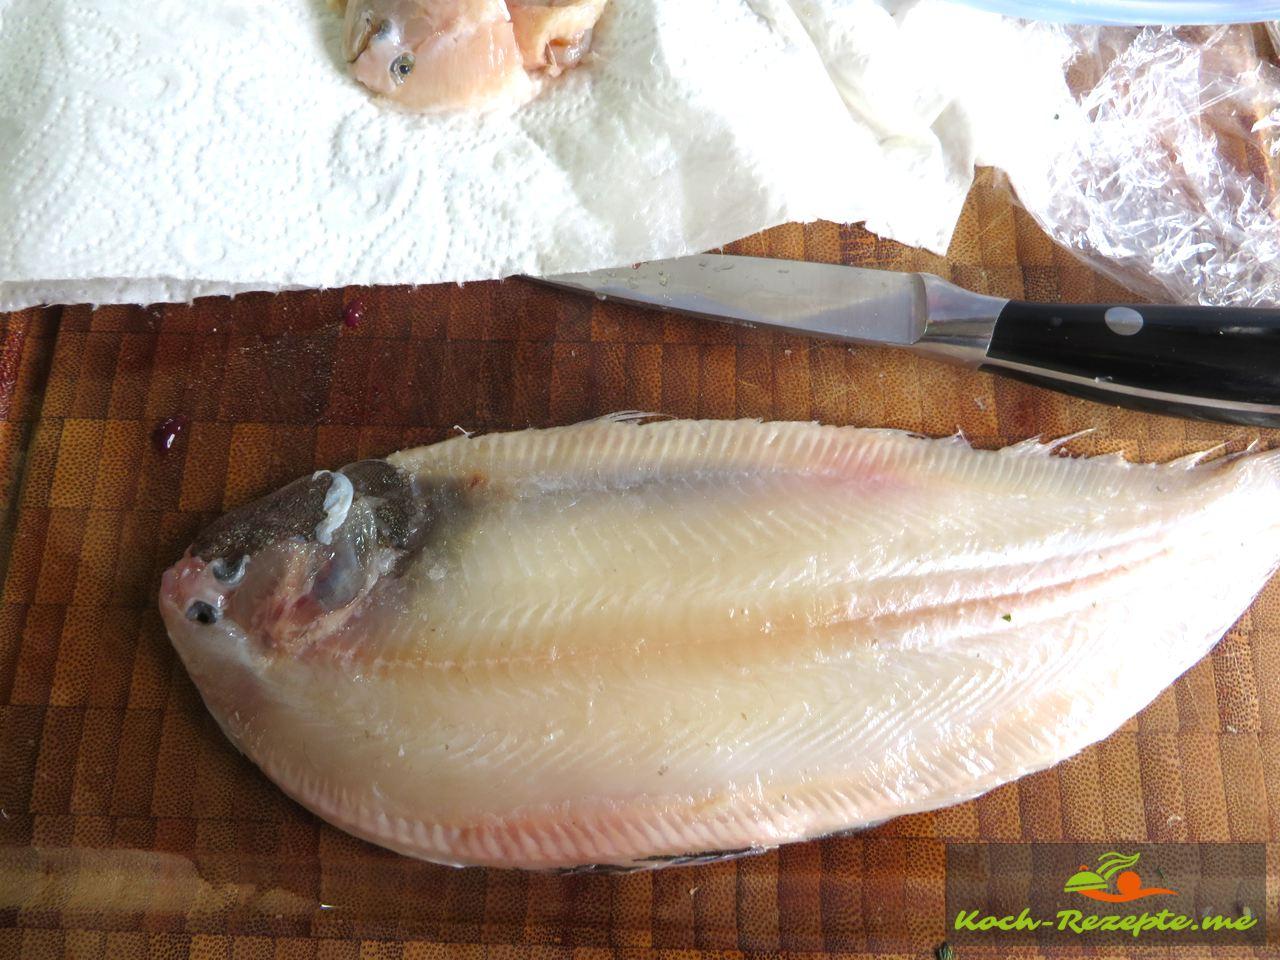 Plattfisch oder als Scholle bekannt gehäutet und Küchenfertig